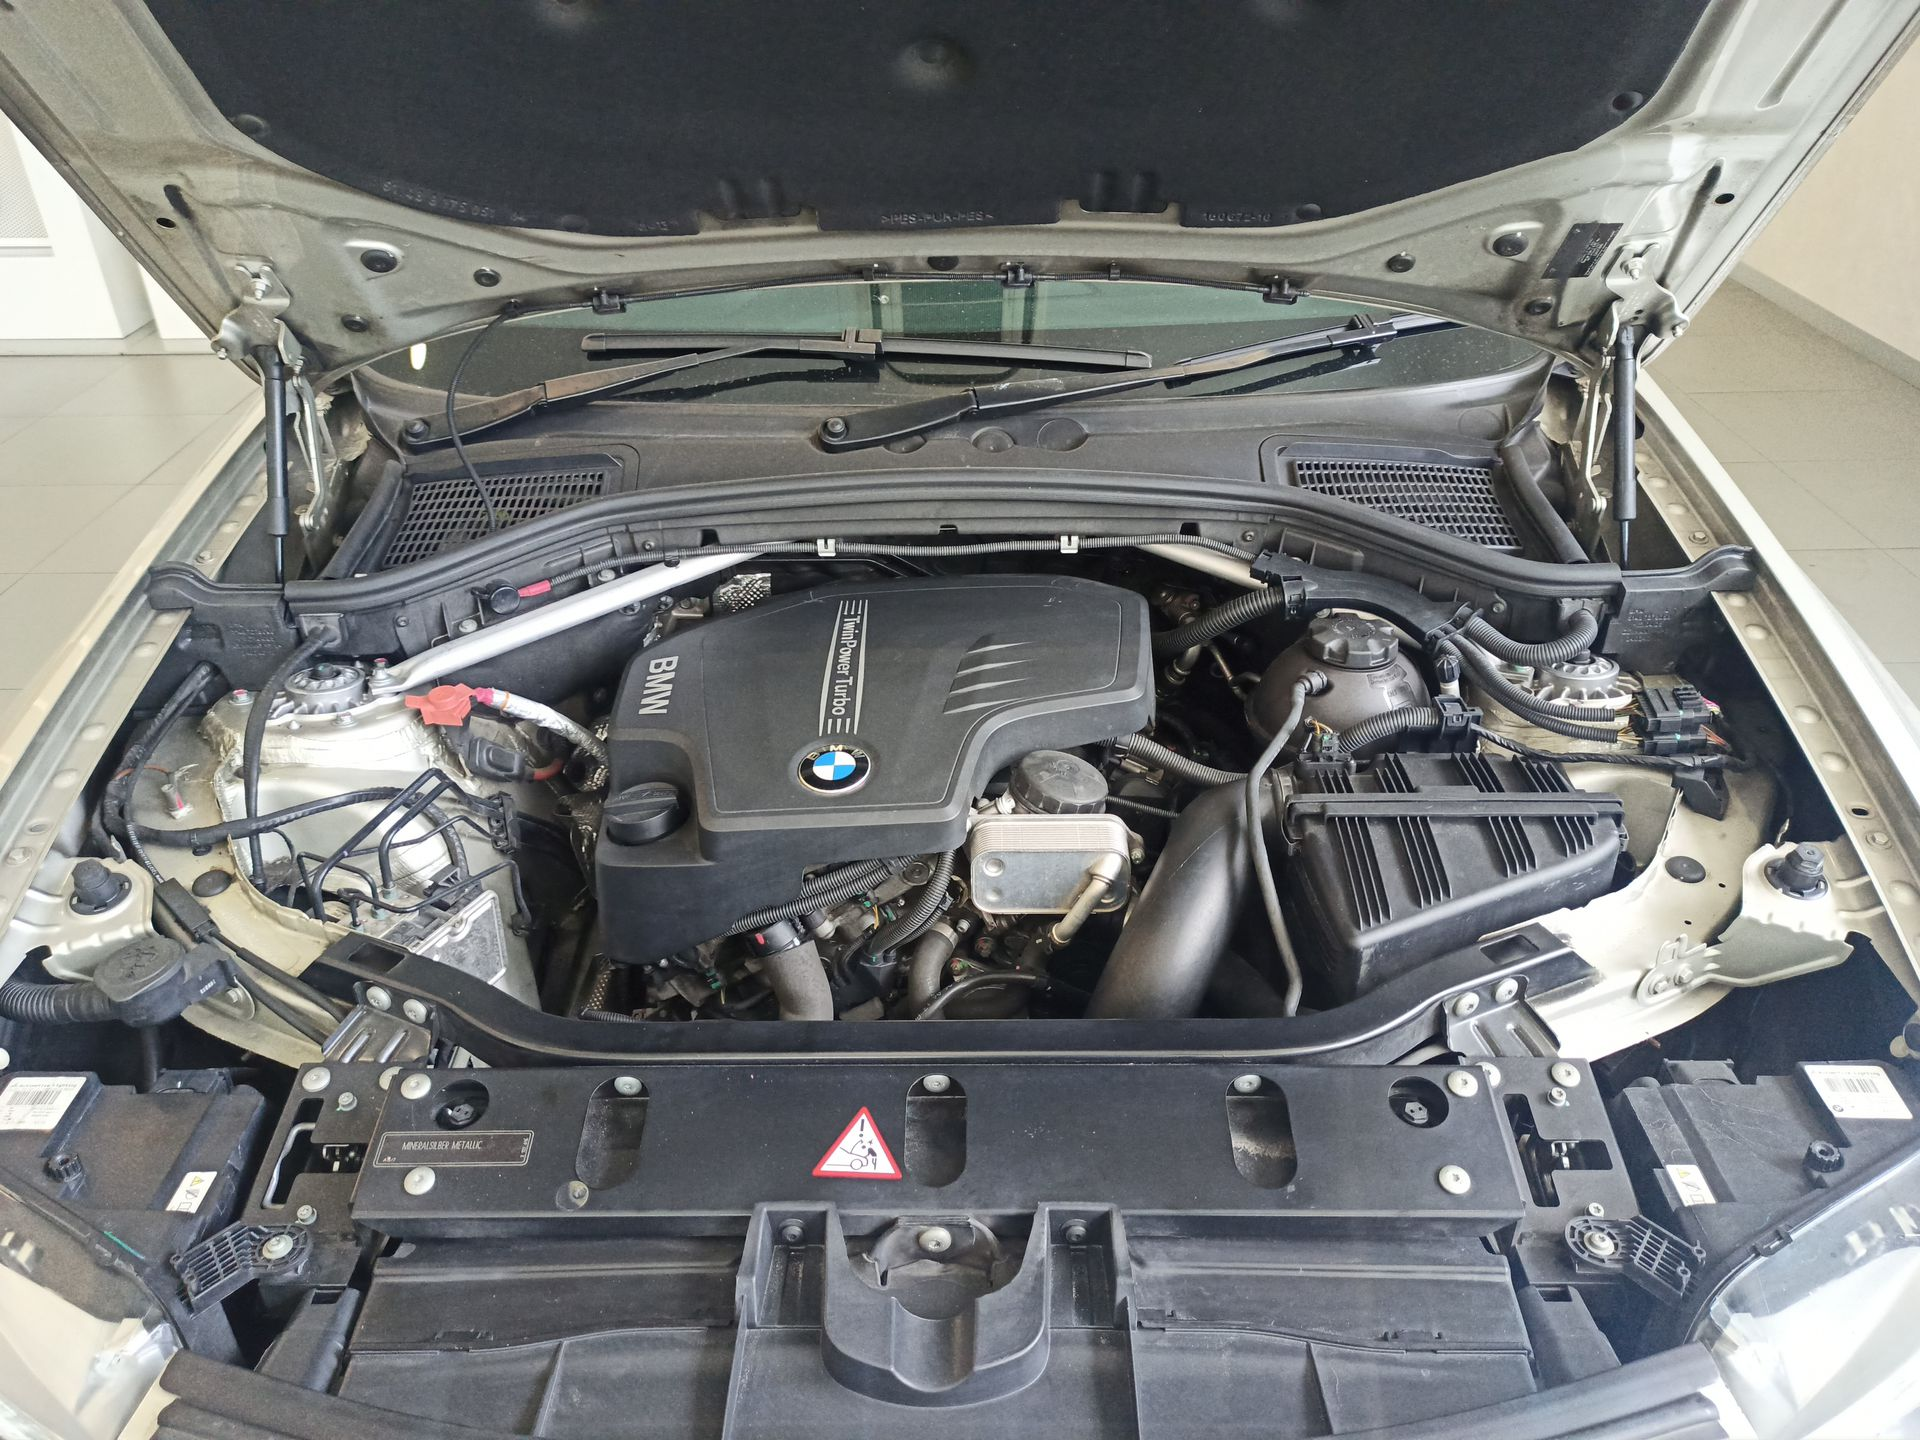 2013 BMW X3 Xdrive20I